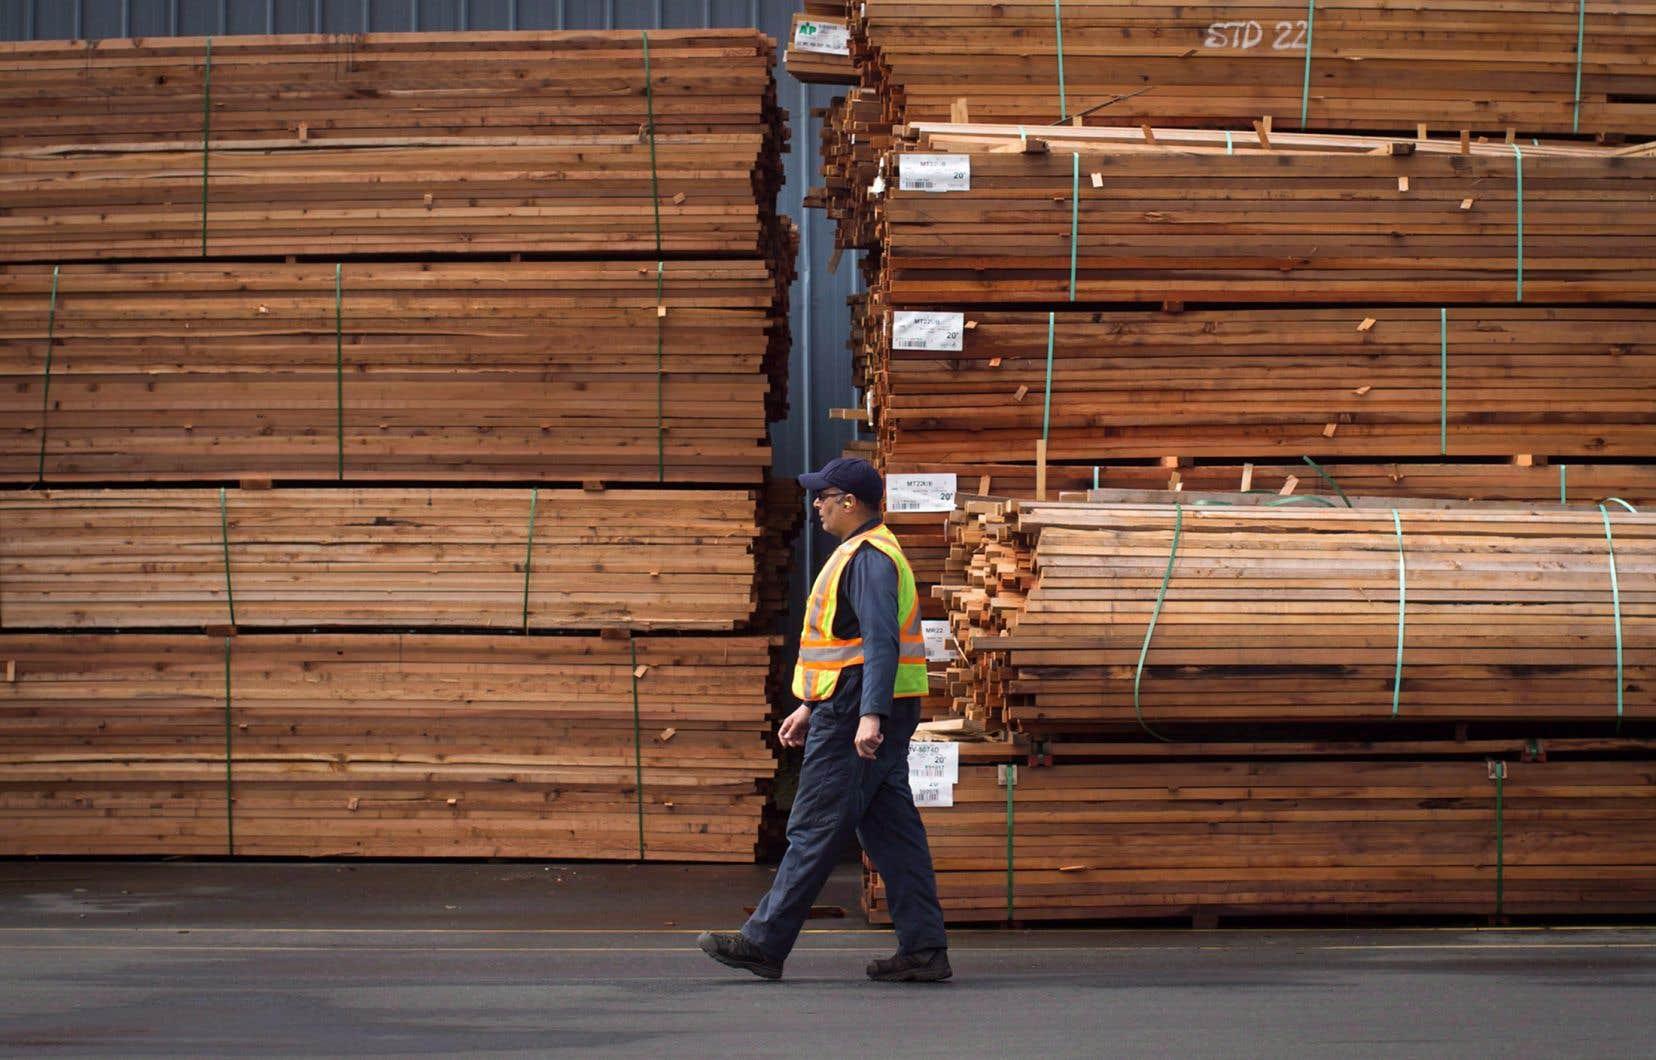 Le département américain du Commerce établit à 20,83% le total des droits compensateurs et antidumping, en baisse par rapport aux tarifs préliminaires combinés de 26,75% décrétés plus tôt cette année.